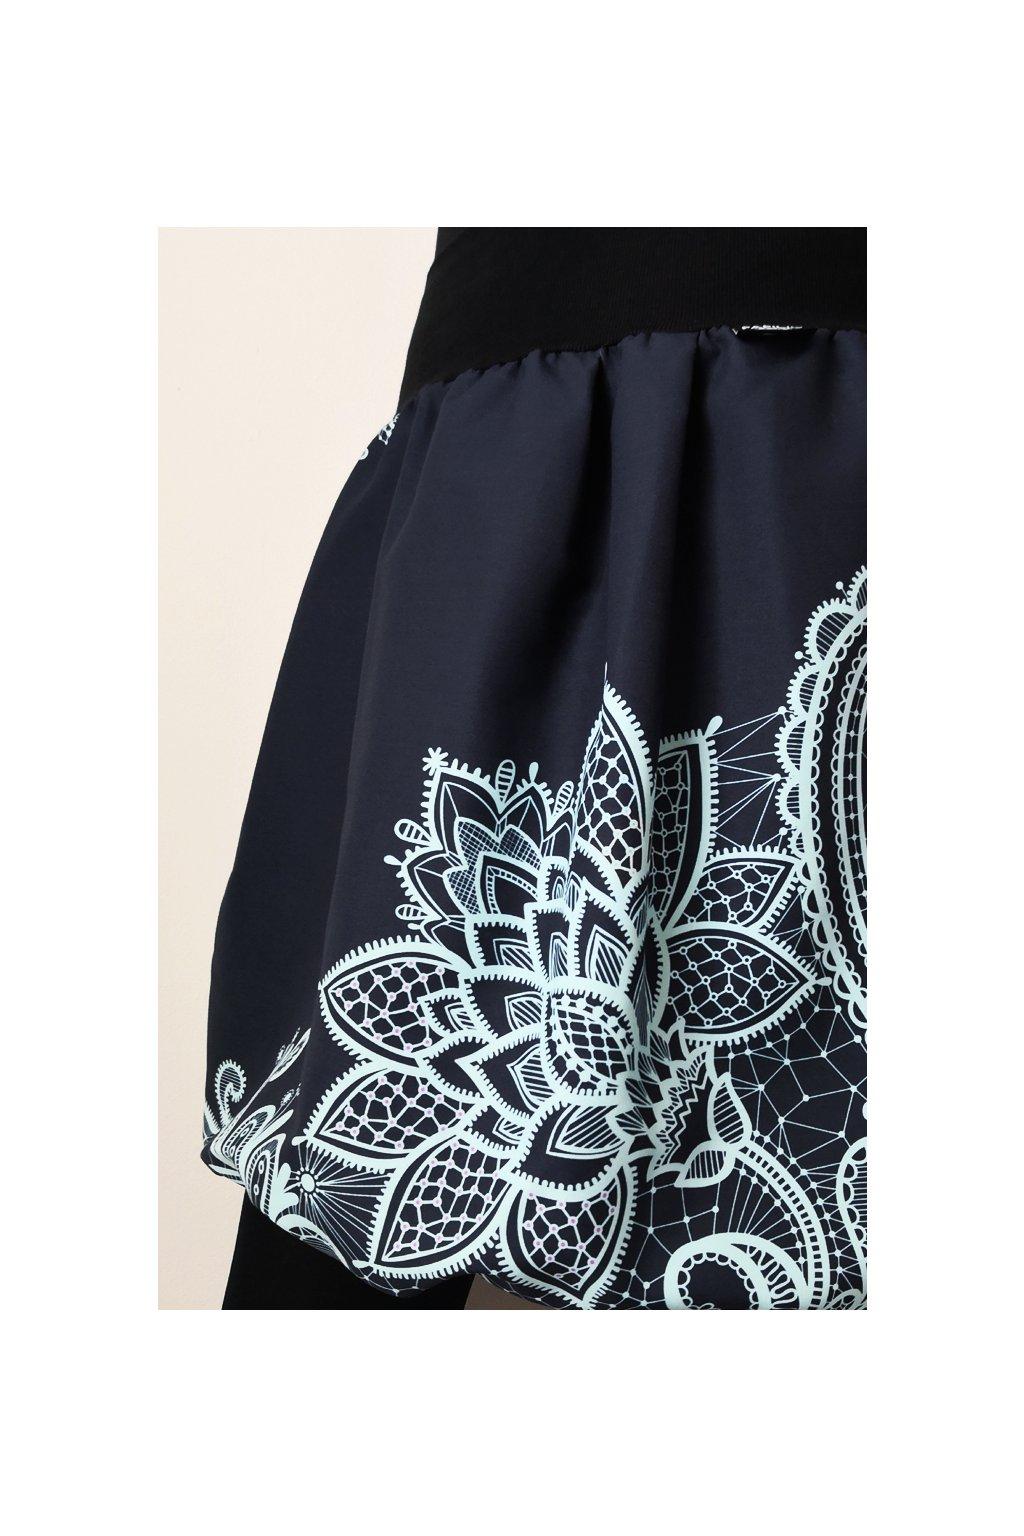 Balonová sukně Krajka mint - antracit| micropeach